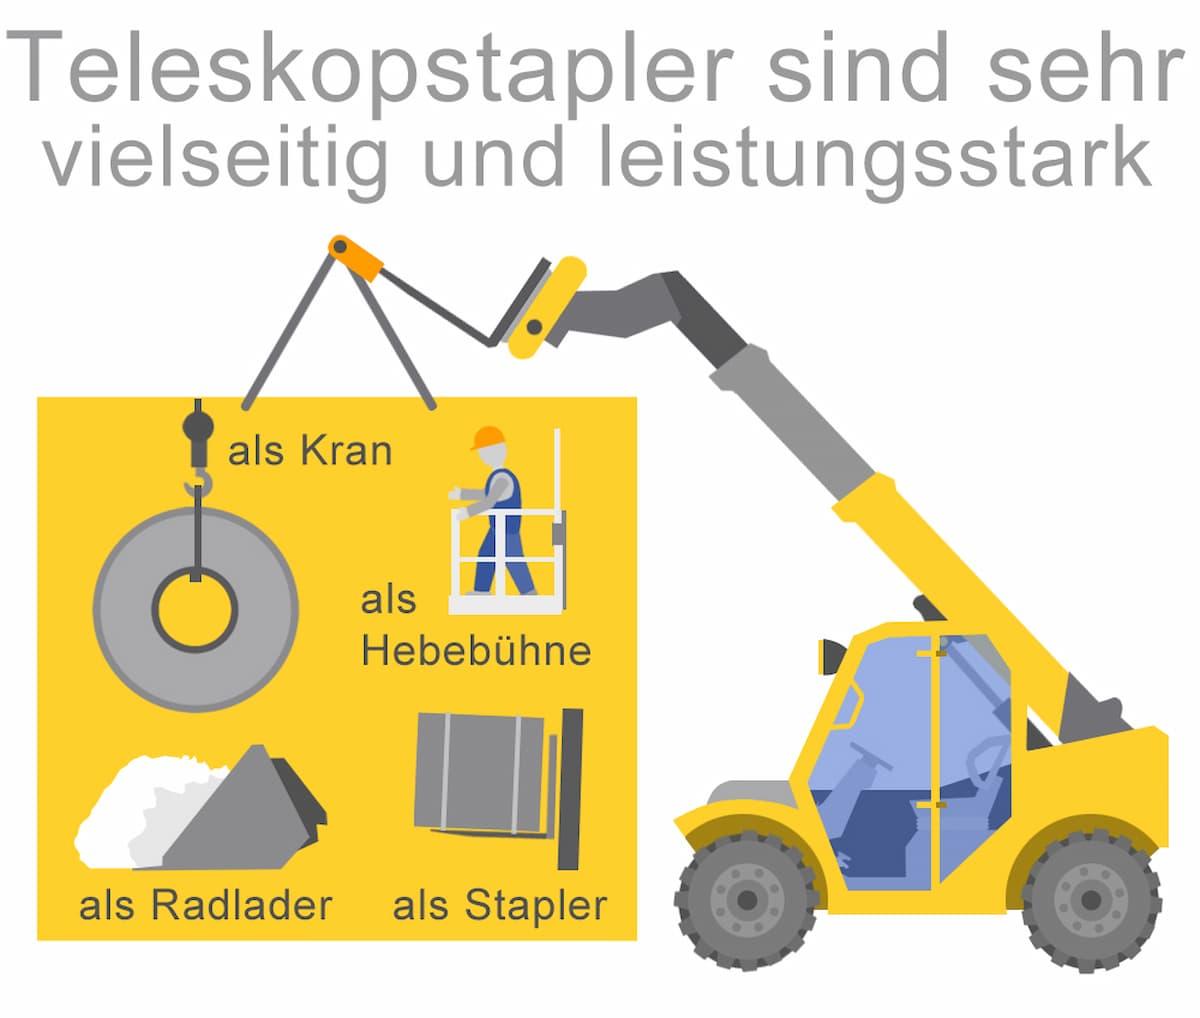 Teleskopstapler: Vielseitig und leistungsstark